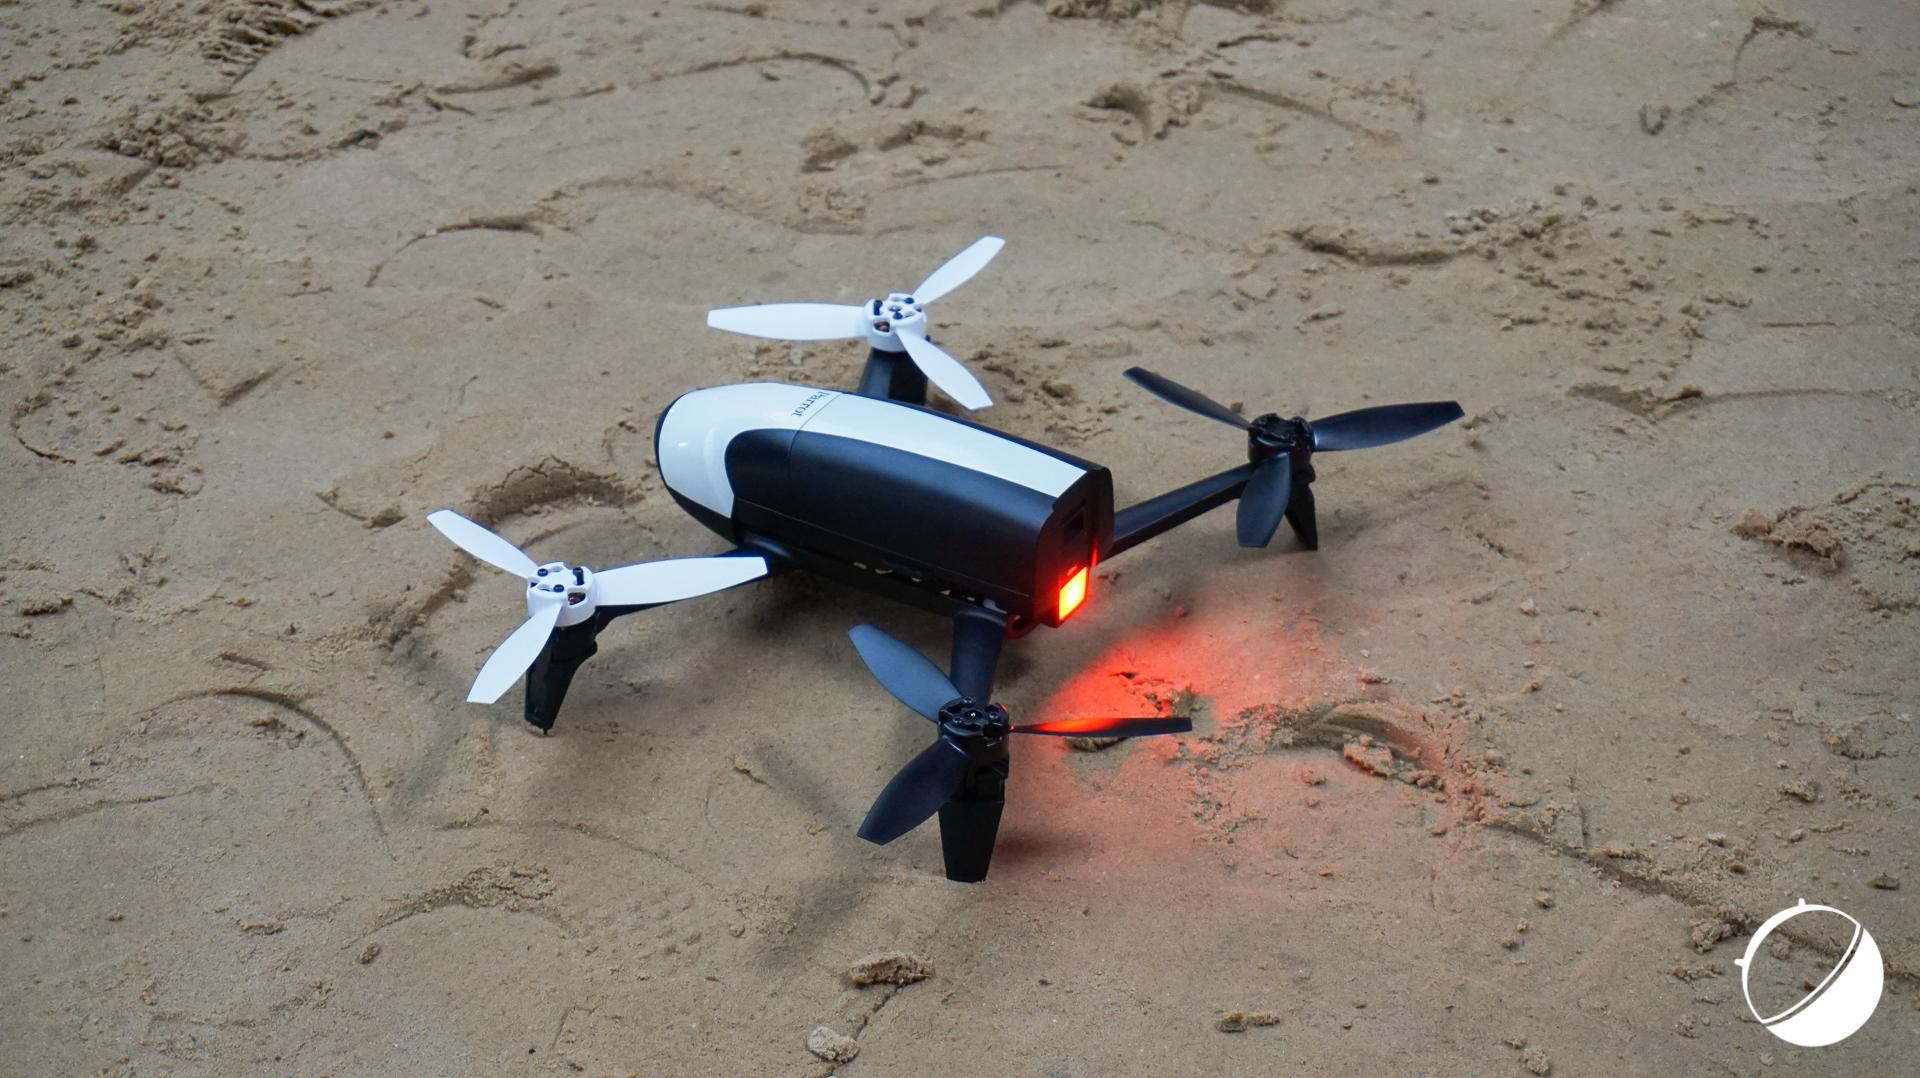 prise en main du drone parrot bebop 2 avec un semblant de follow me frandroid. Black Bedroom Furniture Sets. Home Design Ideas